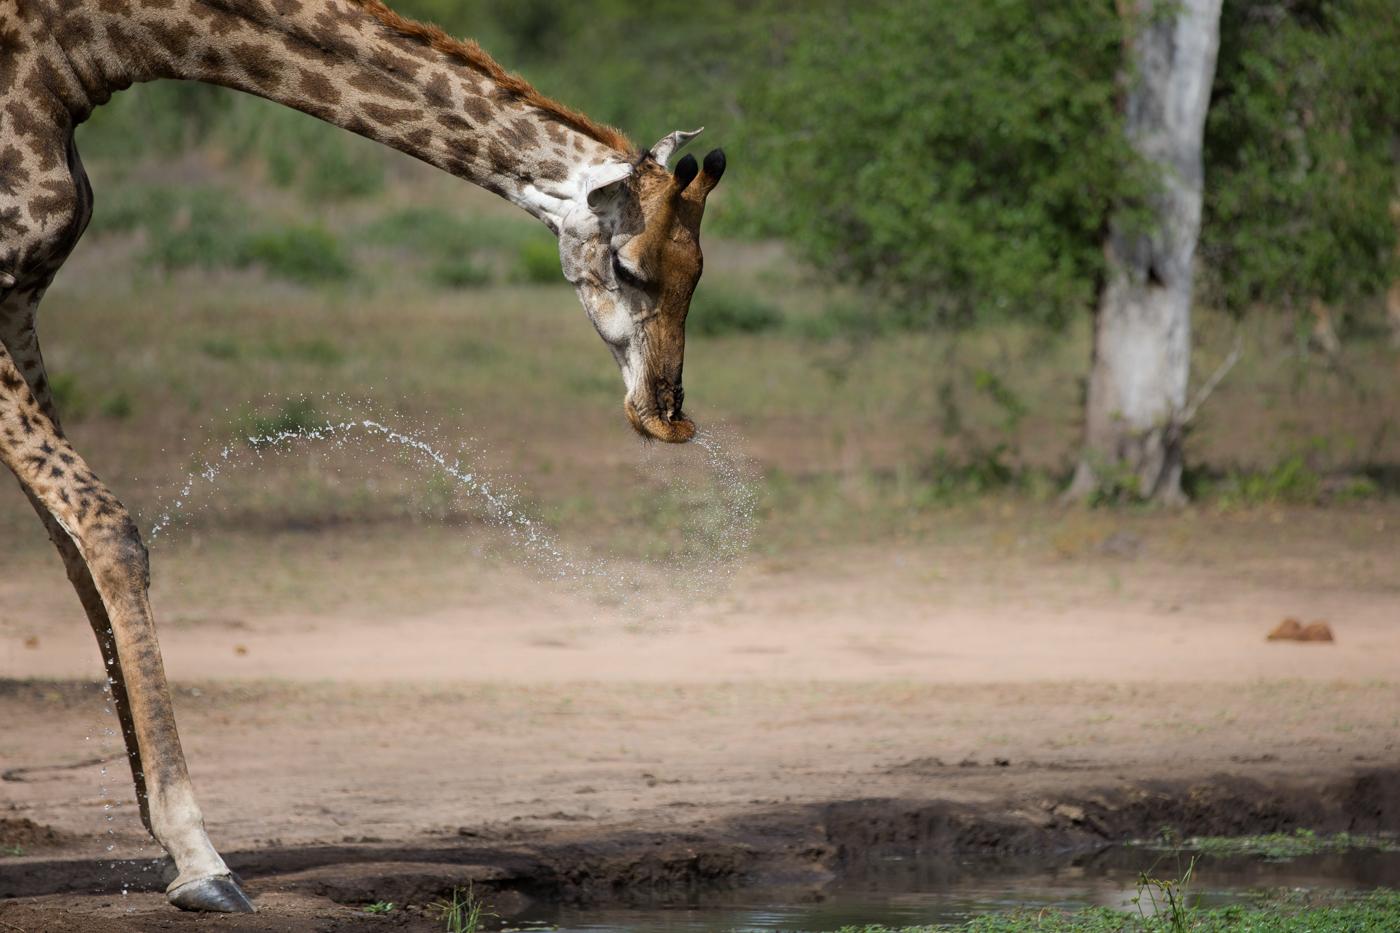 Giraffe Drink Water spray